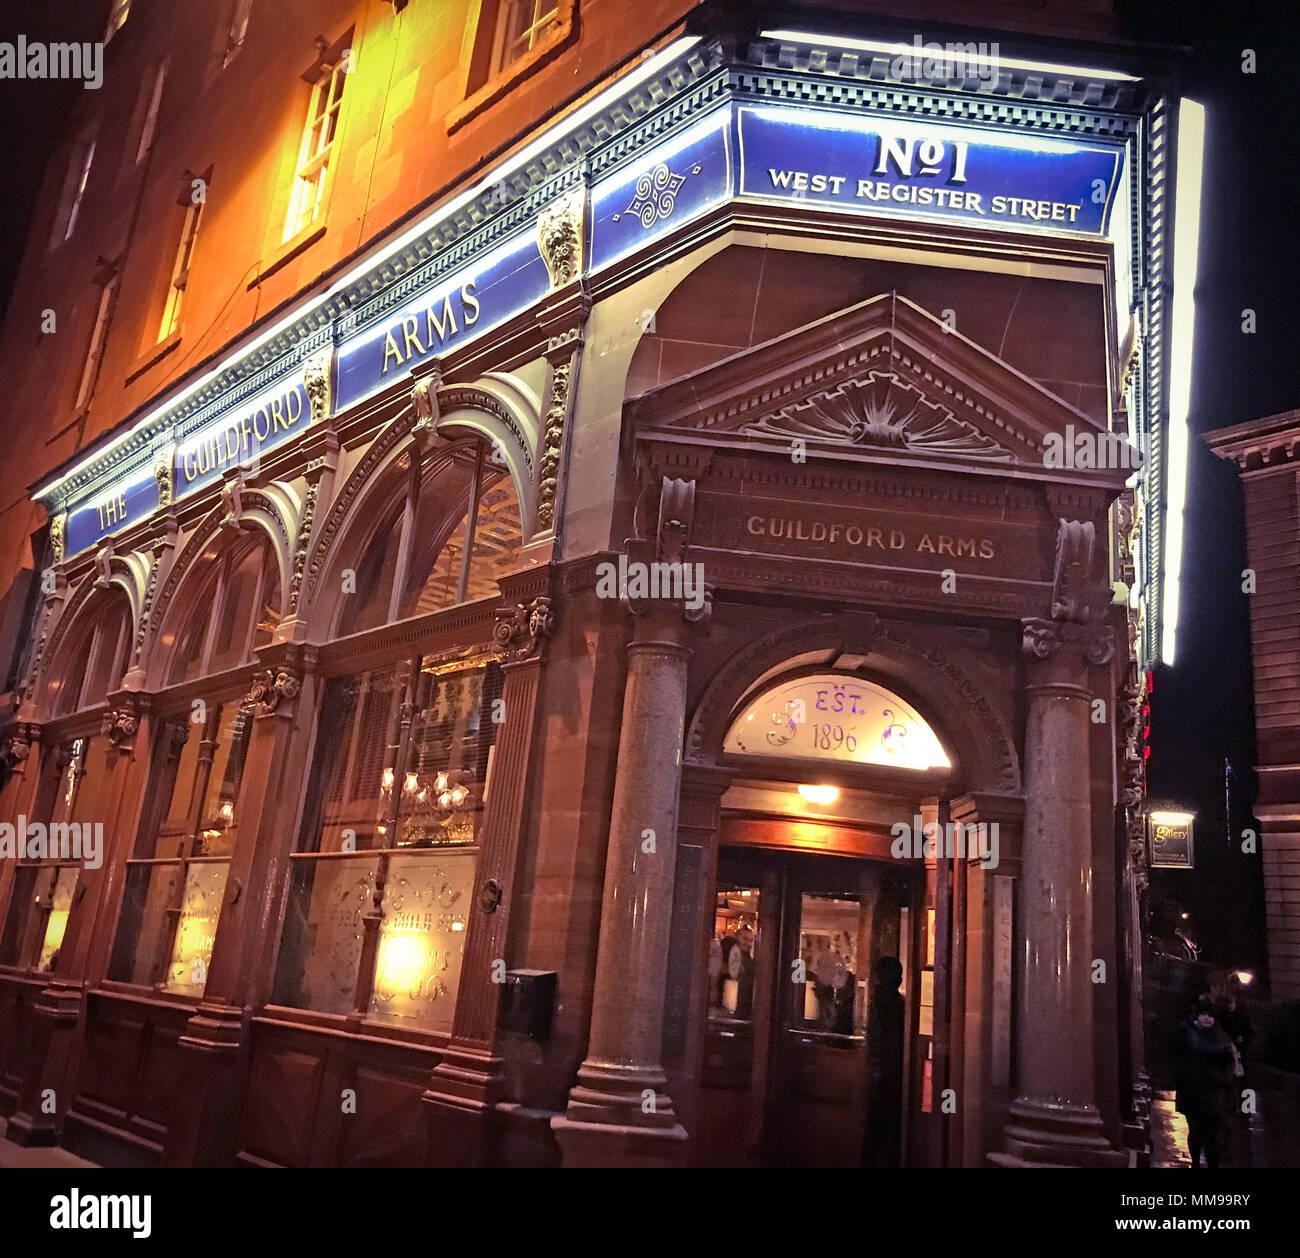 Laden Sie dieses Alamy Stockfoto Der Guildford Arms, Nr. 1, West Registrieren Street, Edinburgh EH2 2AA, Real Ale Pub, Schottland, UK, bei Nacht - MM99RY